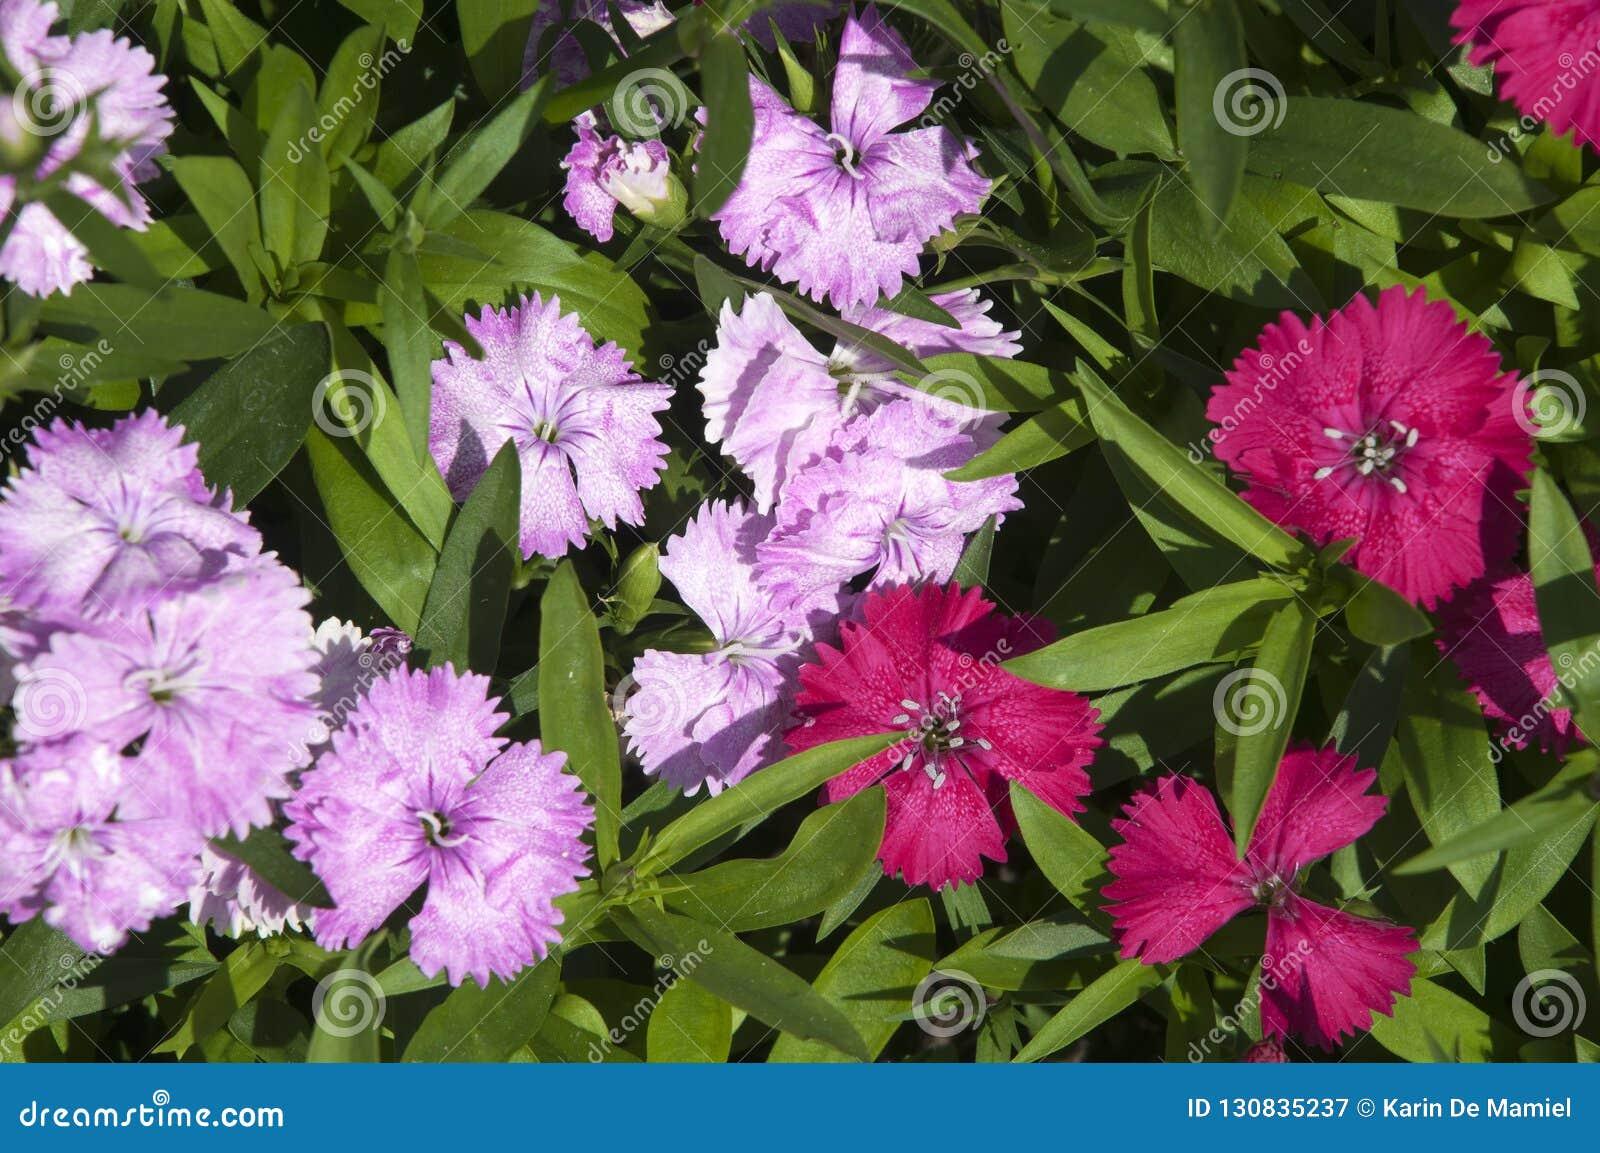 Cama Del Jardín De Las Flores Dulces Coloridas De Guillermo ...